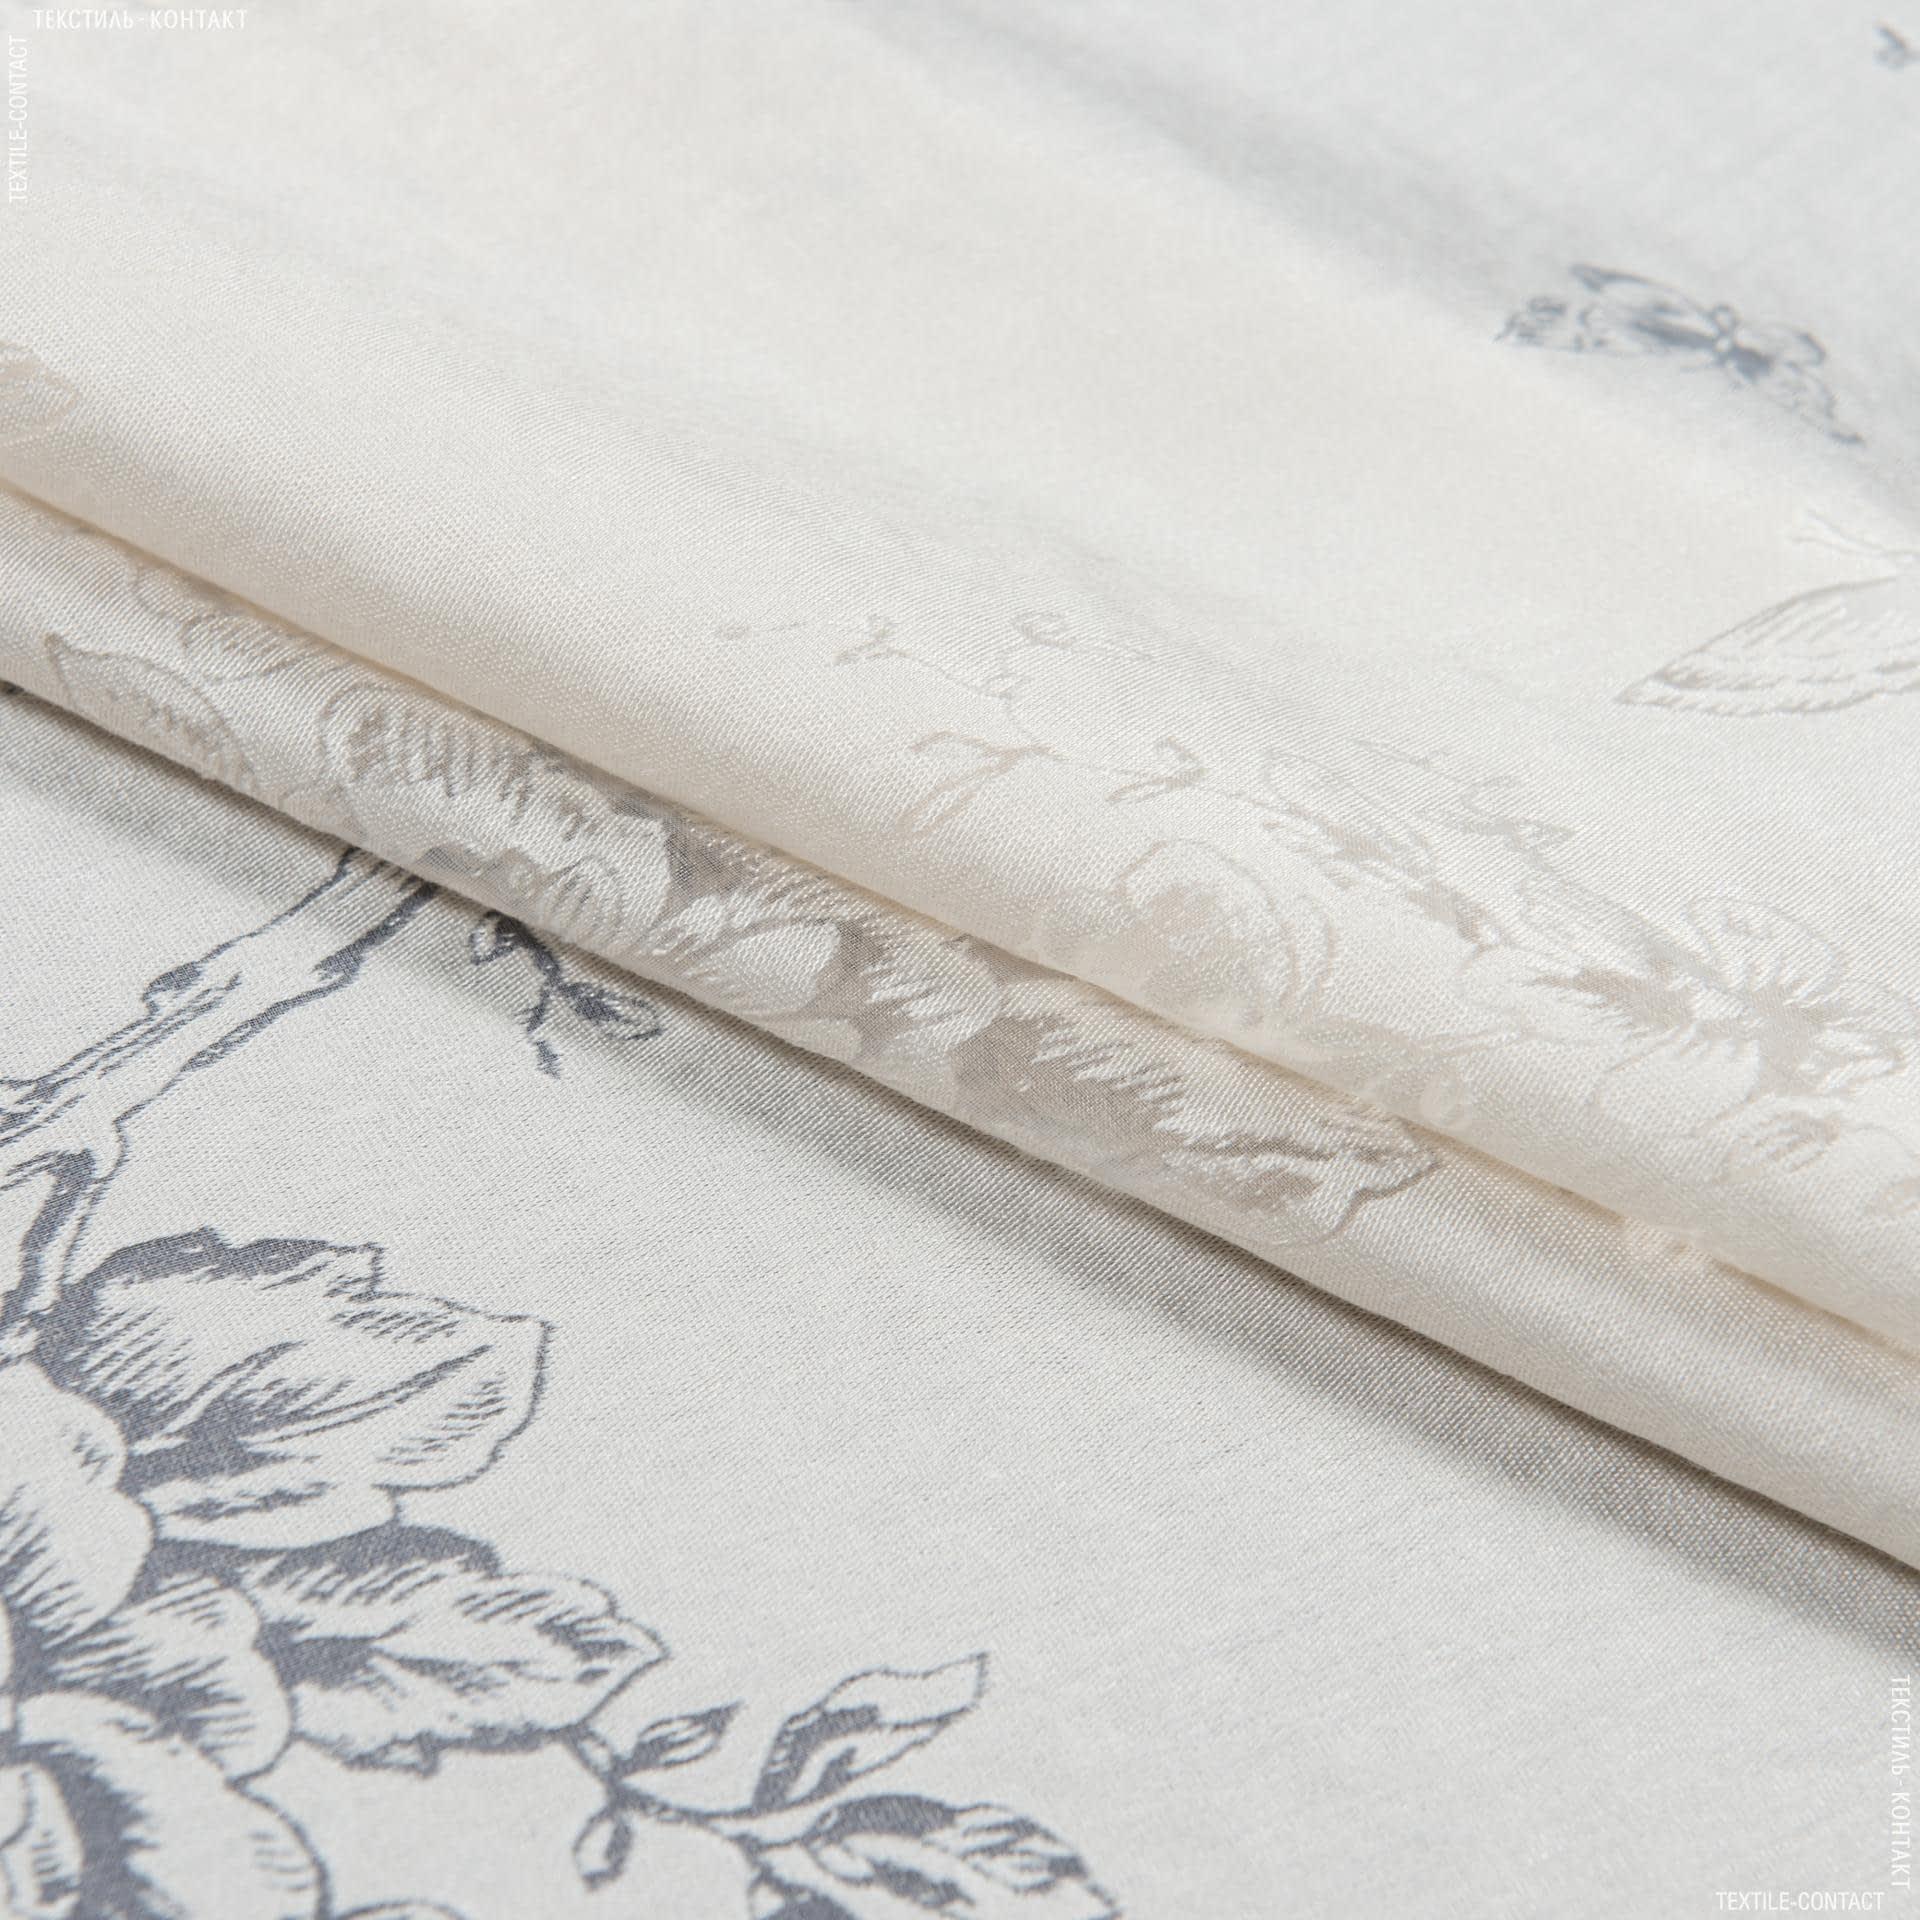 Тканини для тюлі - Тюль з обважнювачем випал троянди метелики/devore satin soft пісок